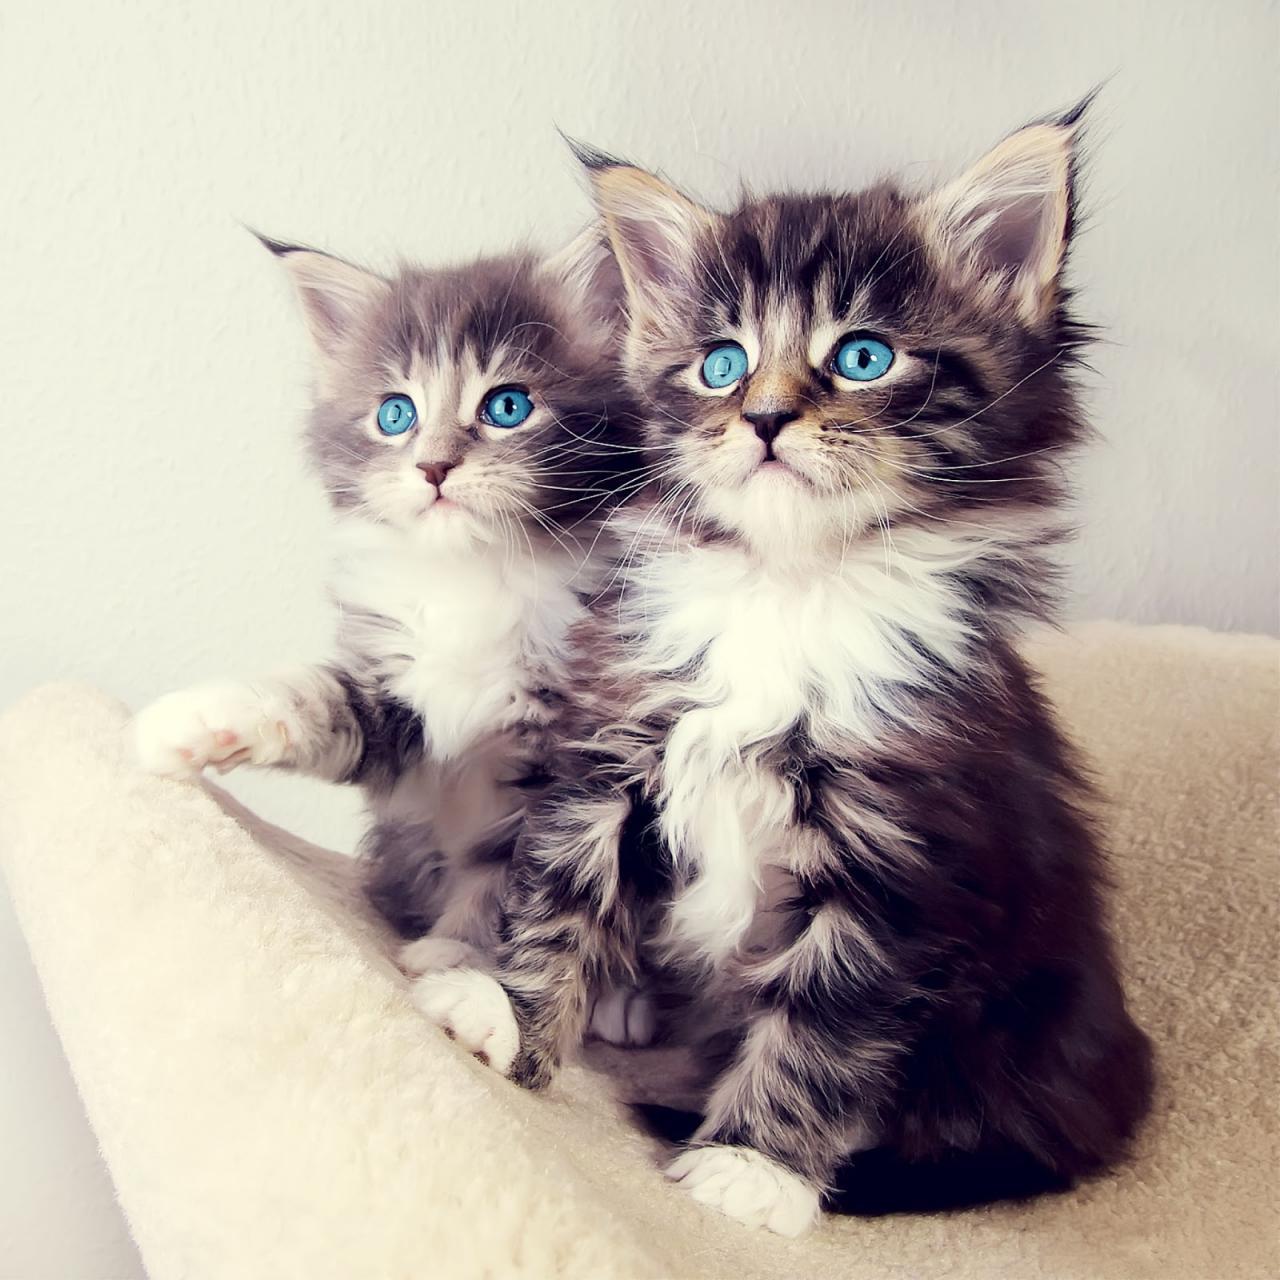 صورة صور قطط متحركة , اجدد الصور المتحركه للقطط